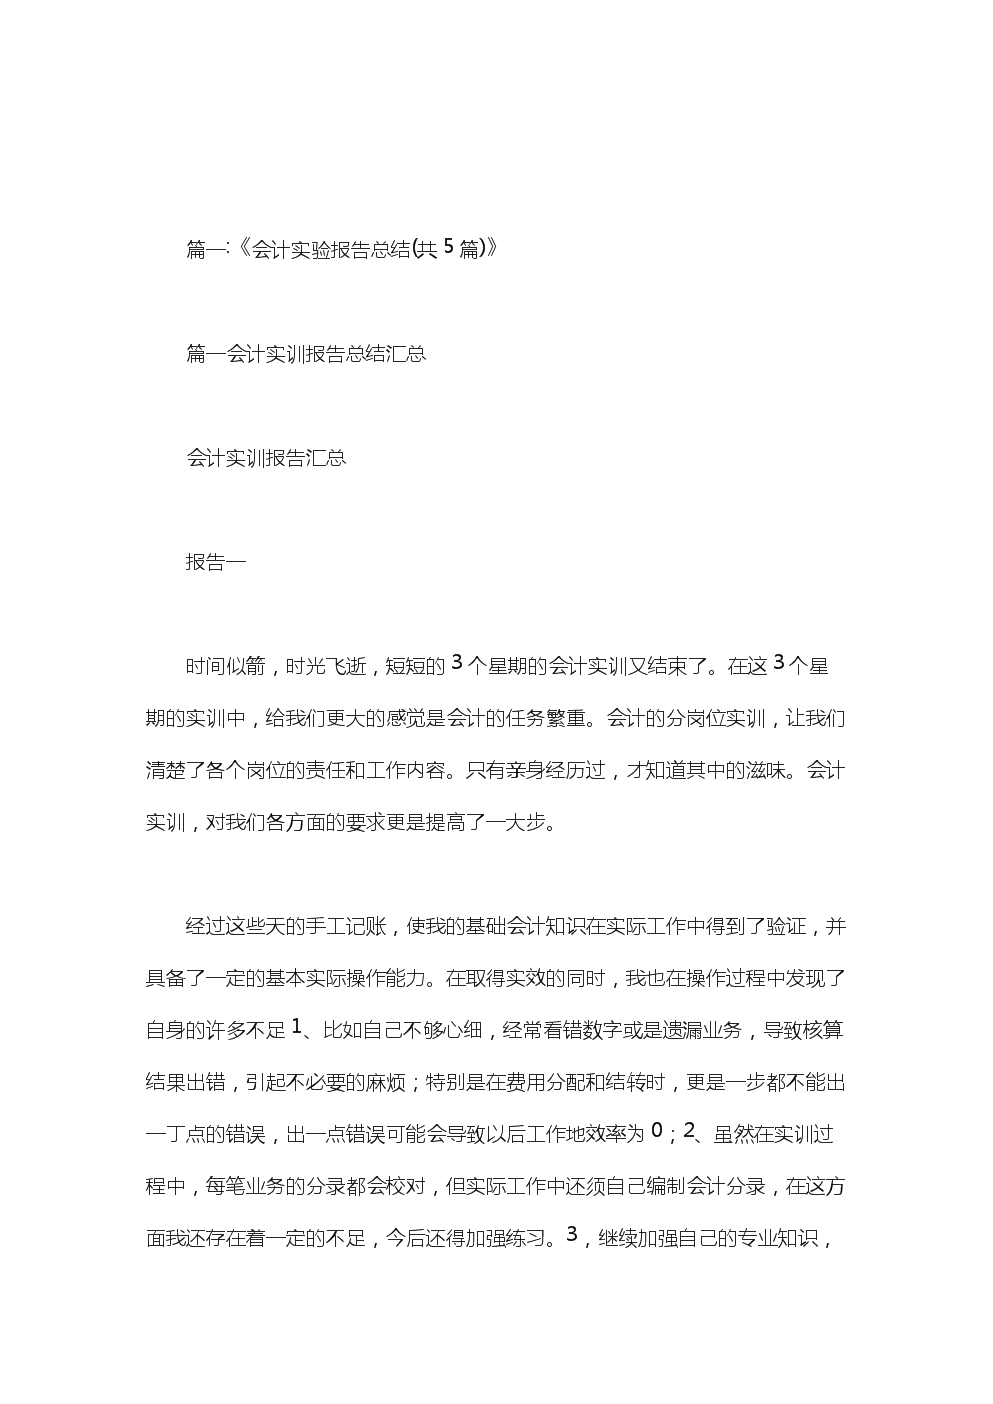 大一會計實踐周實驗報告總結范文.doc